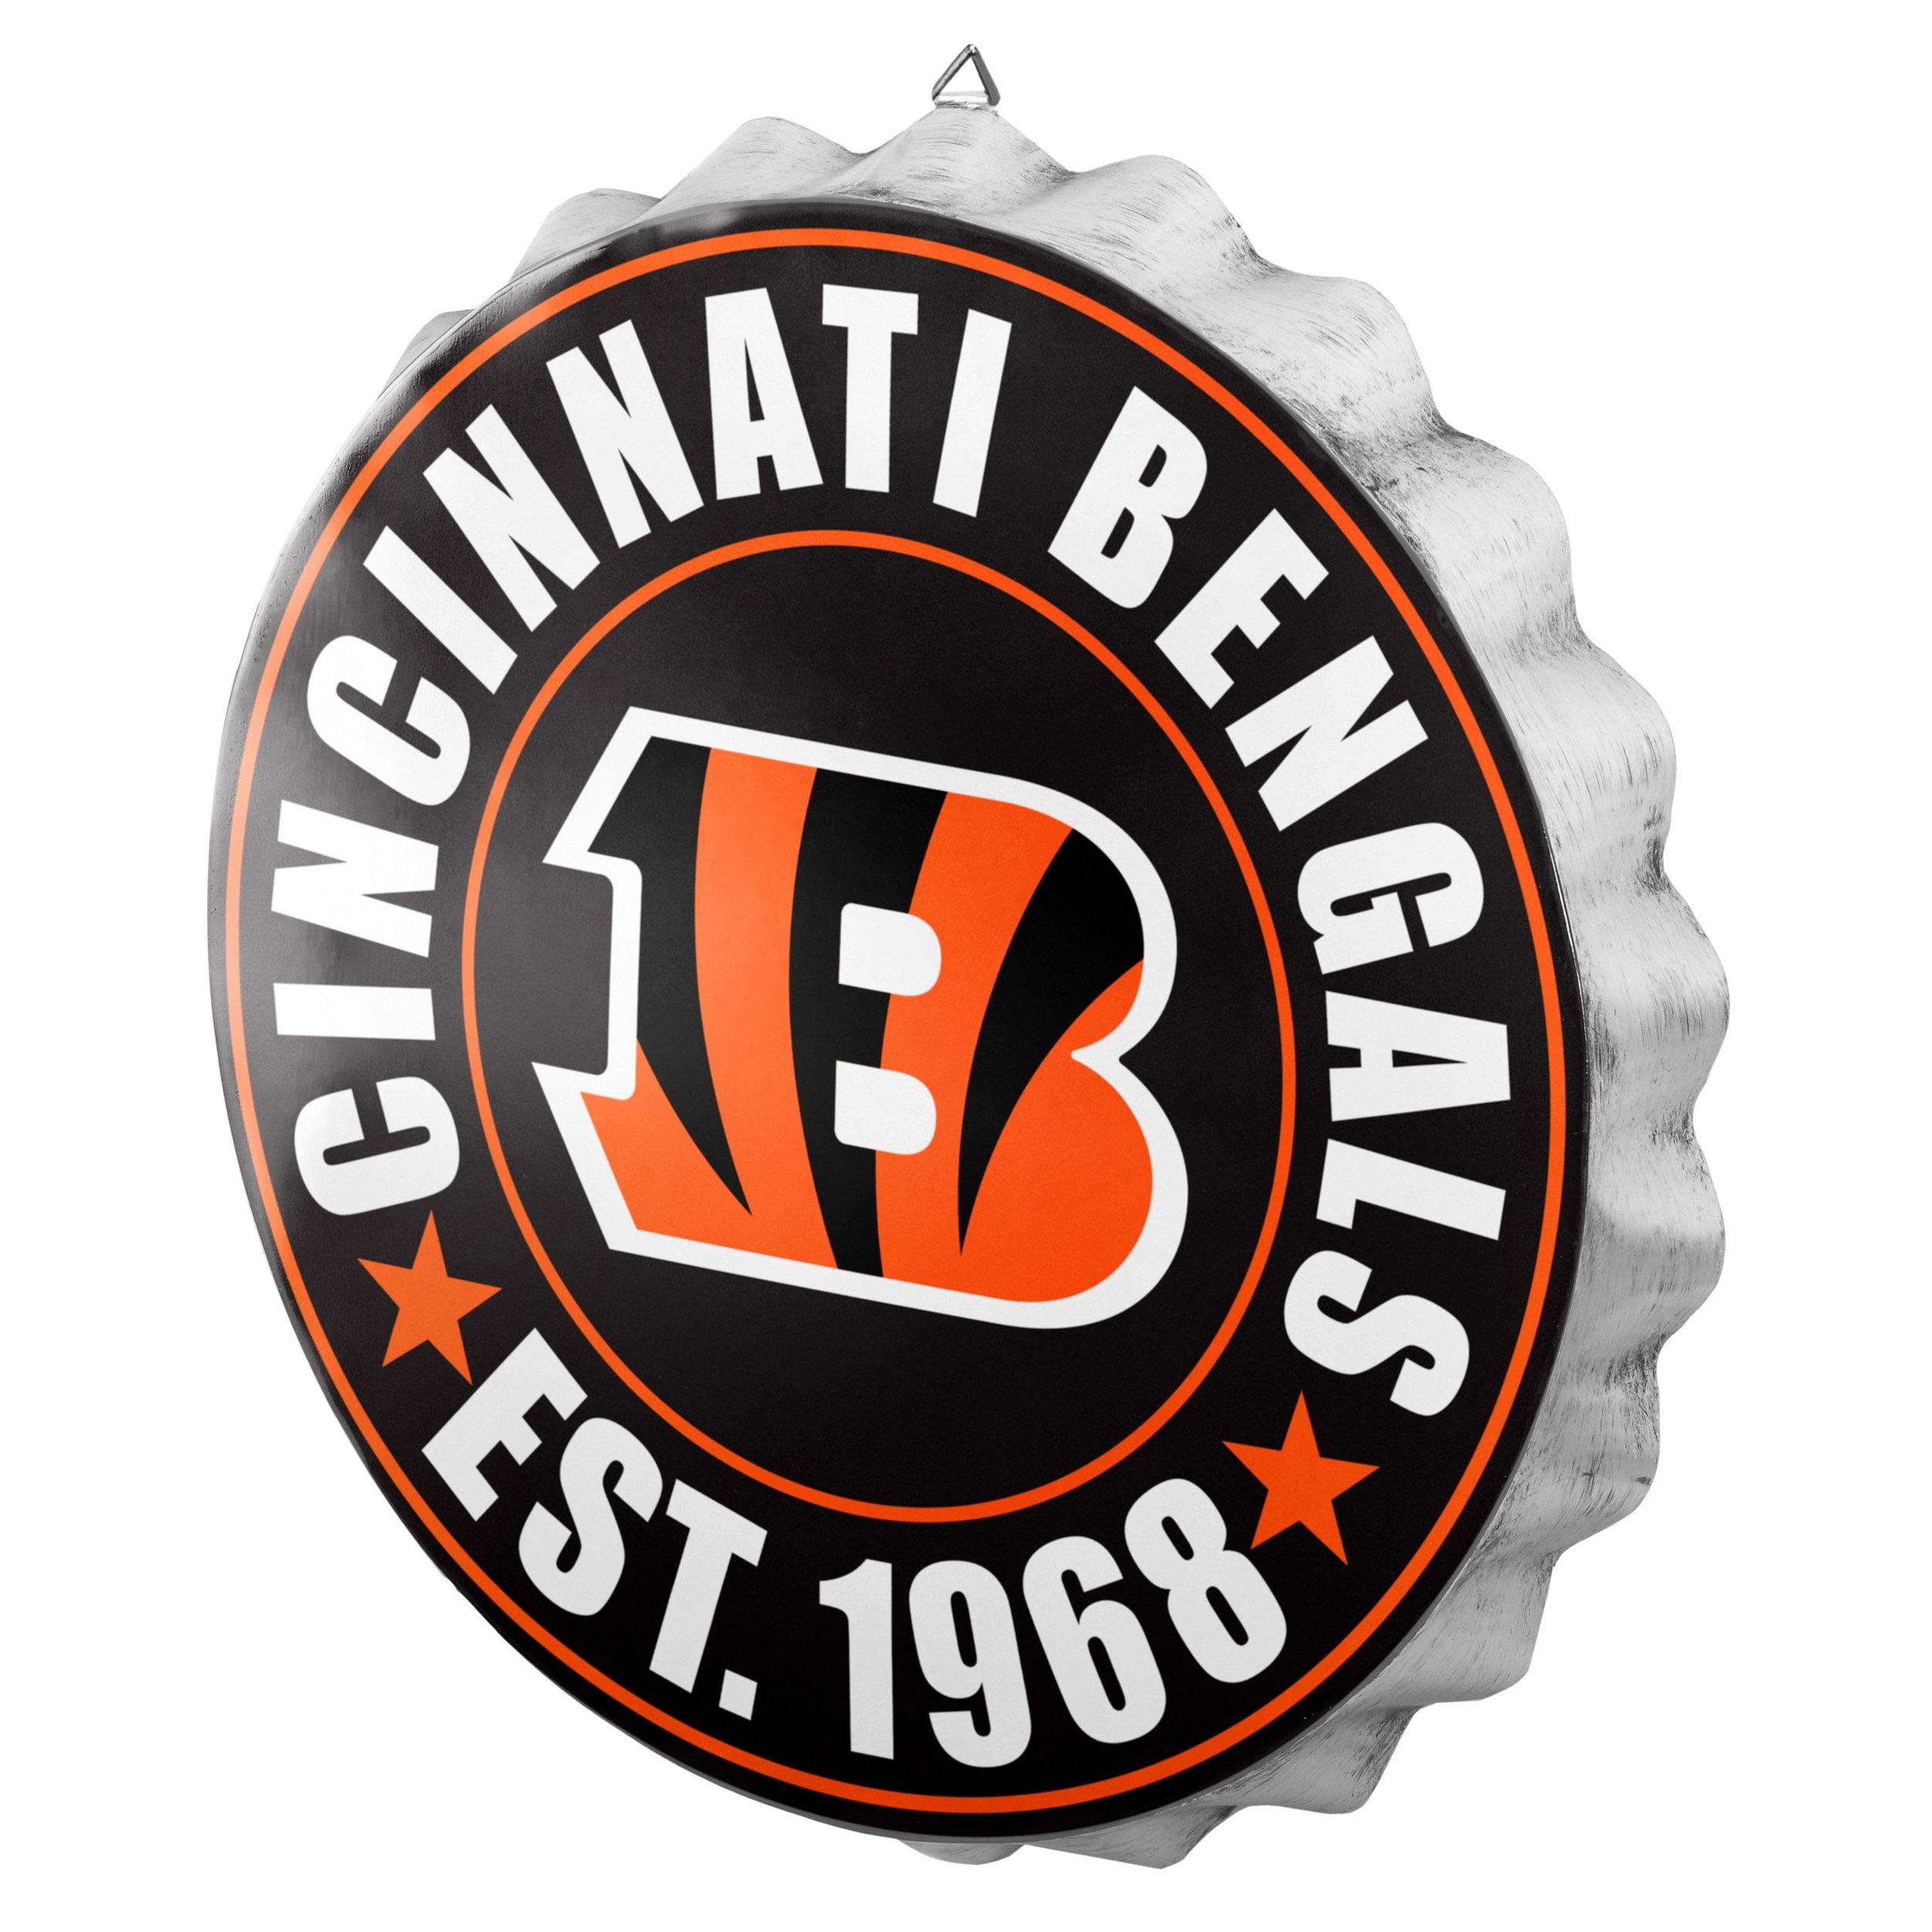 Cincinnati Bengals 2016 Bottle Cap Wall Sign by FOCO